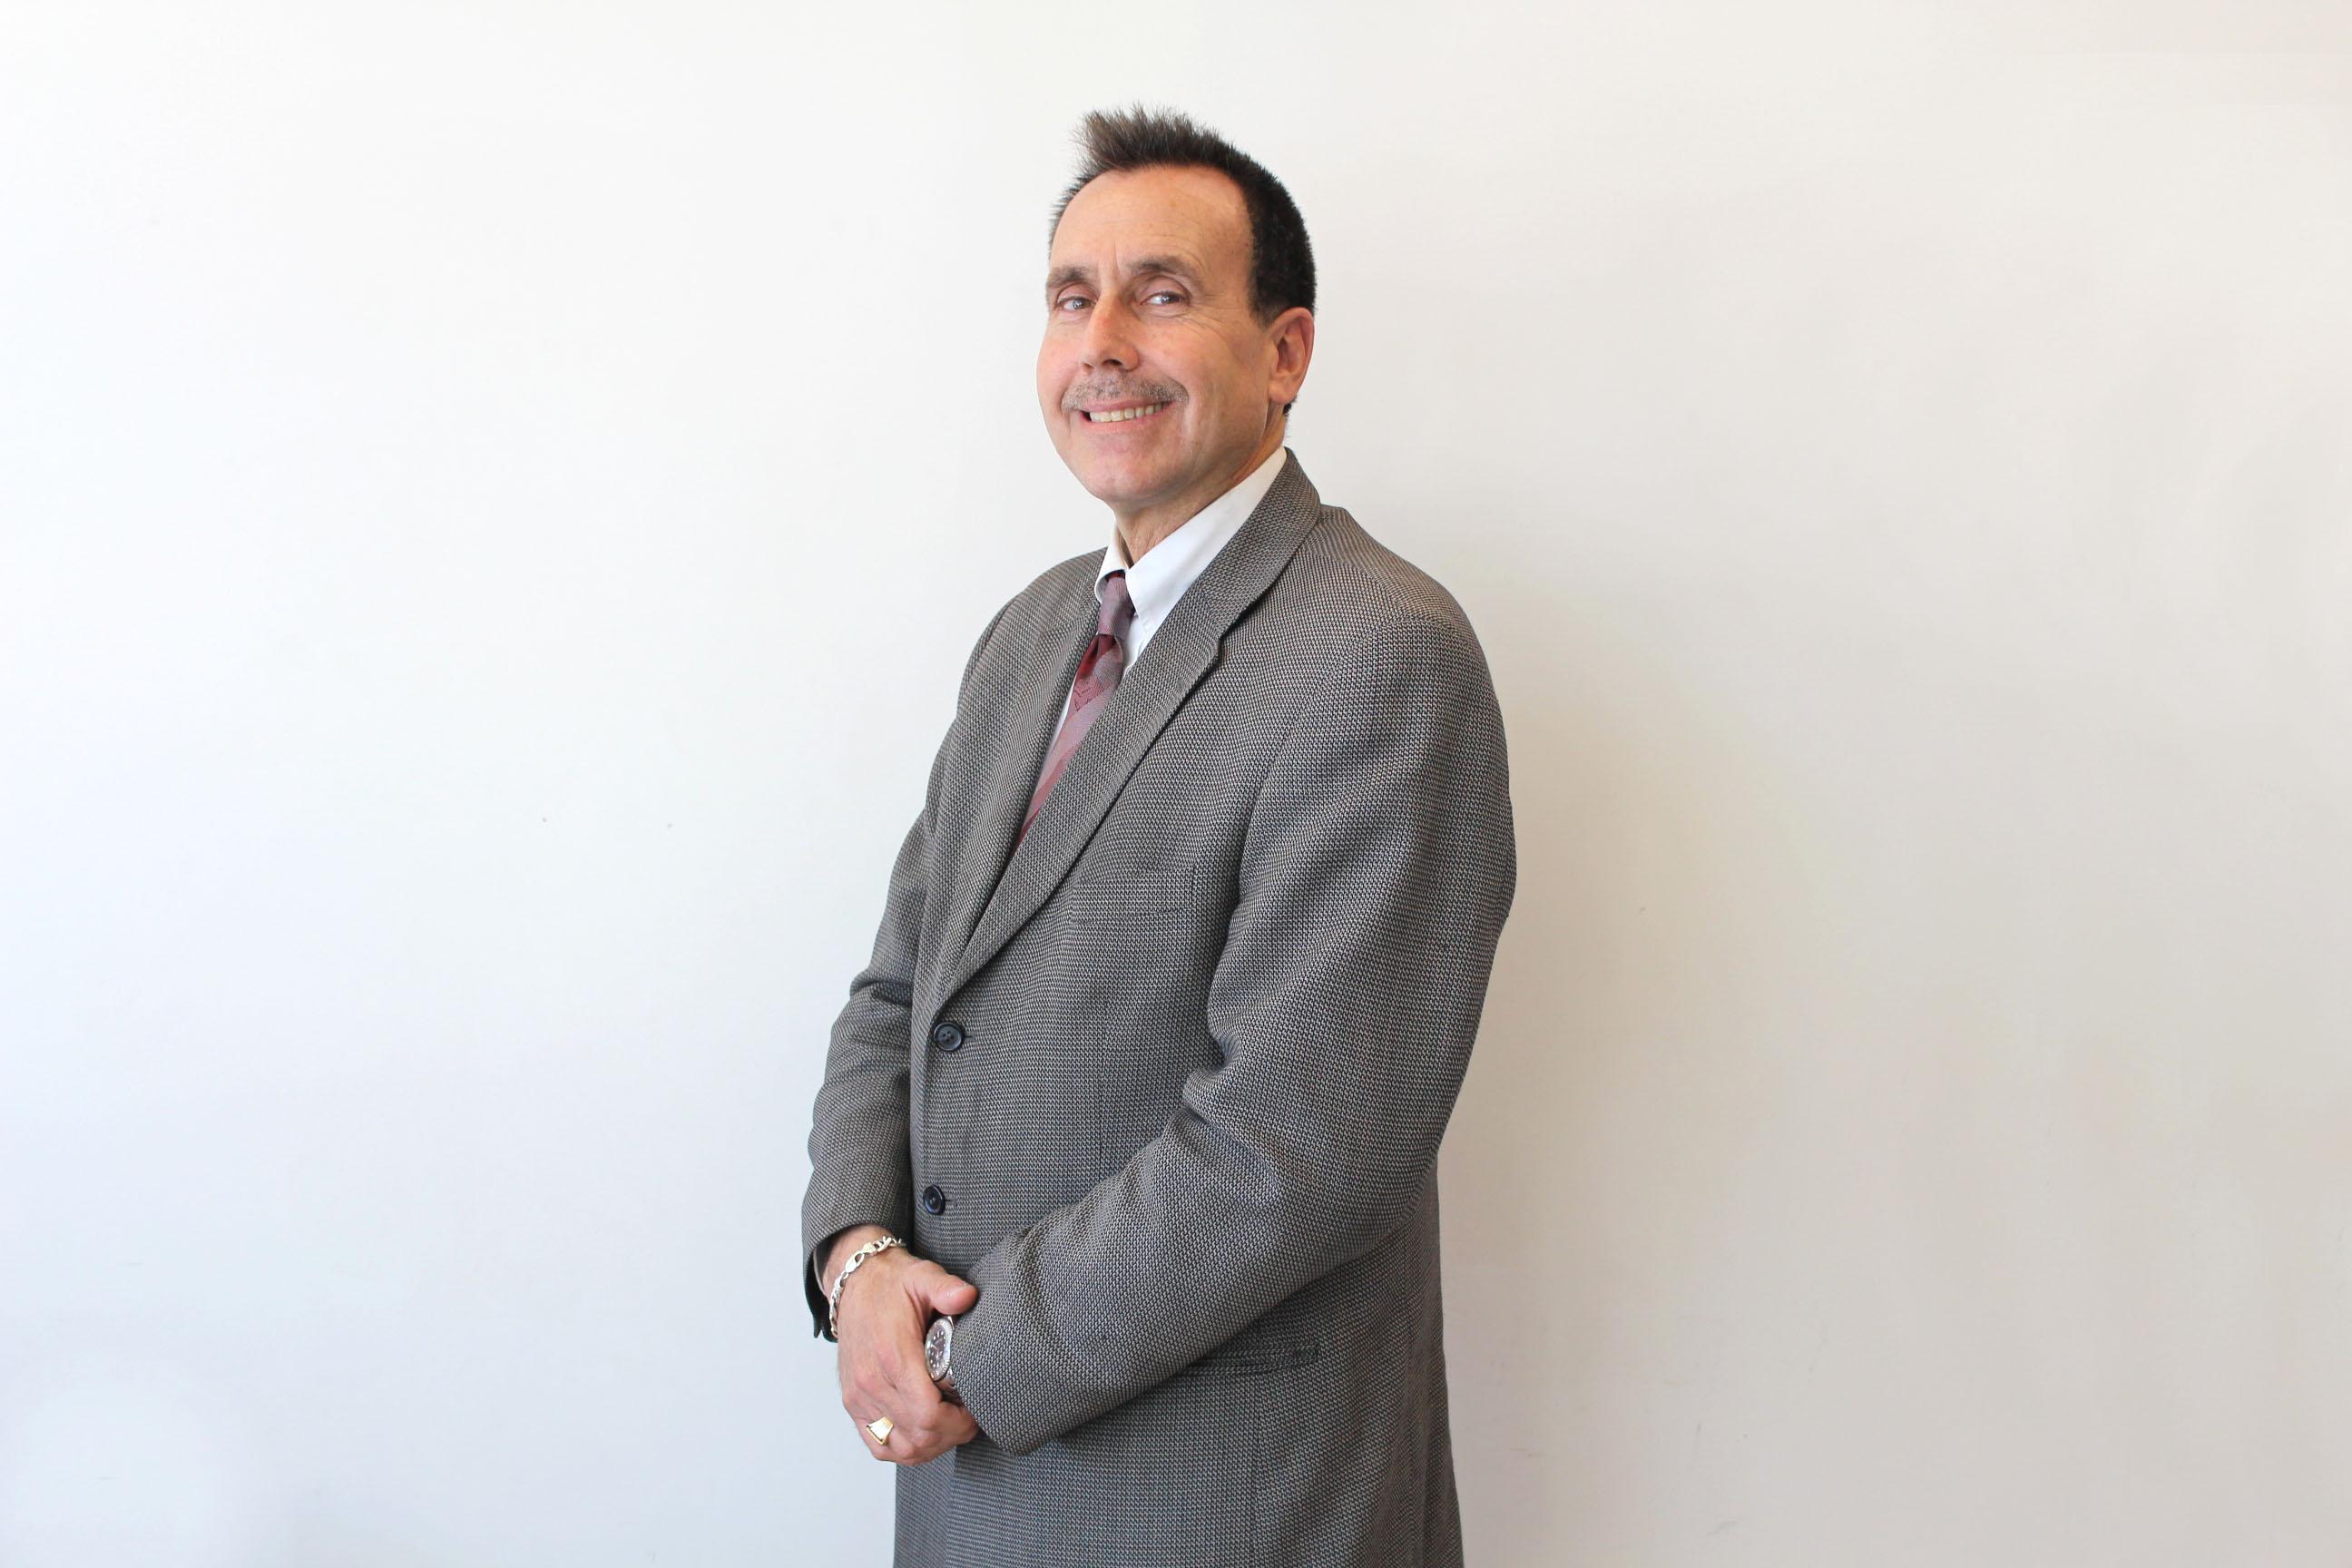 Bob Mancini